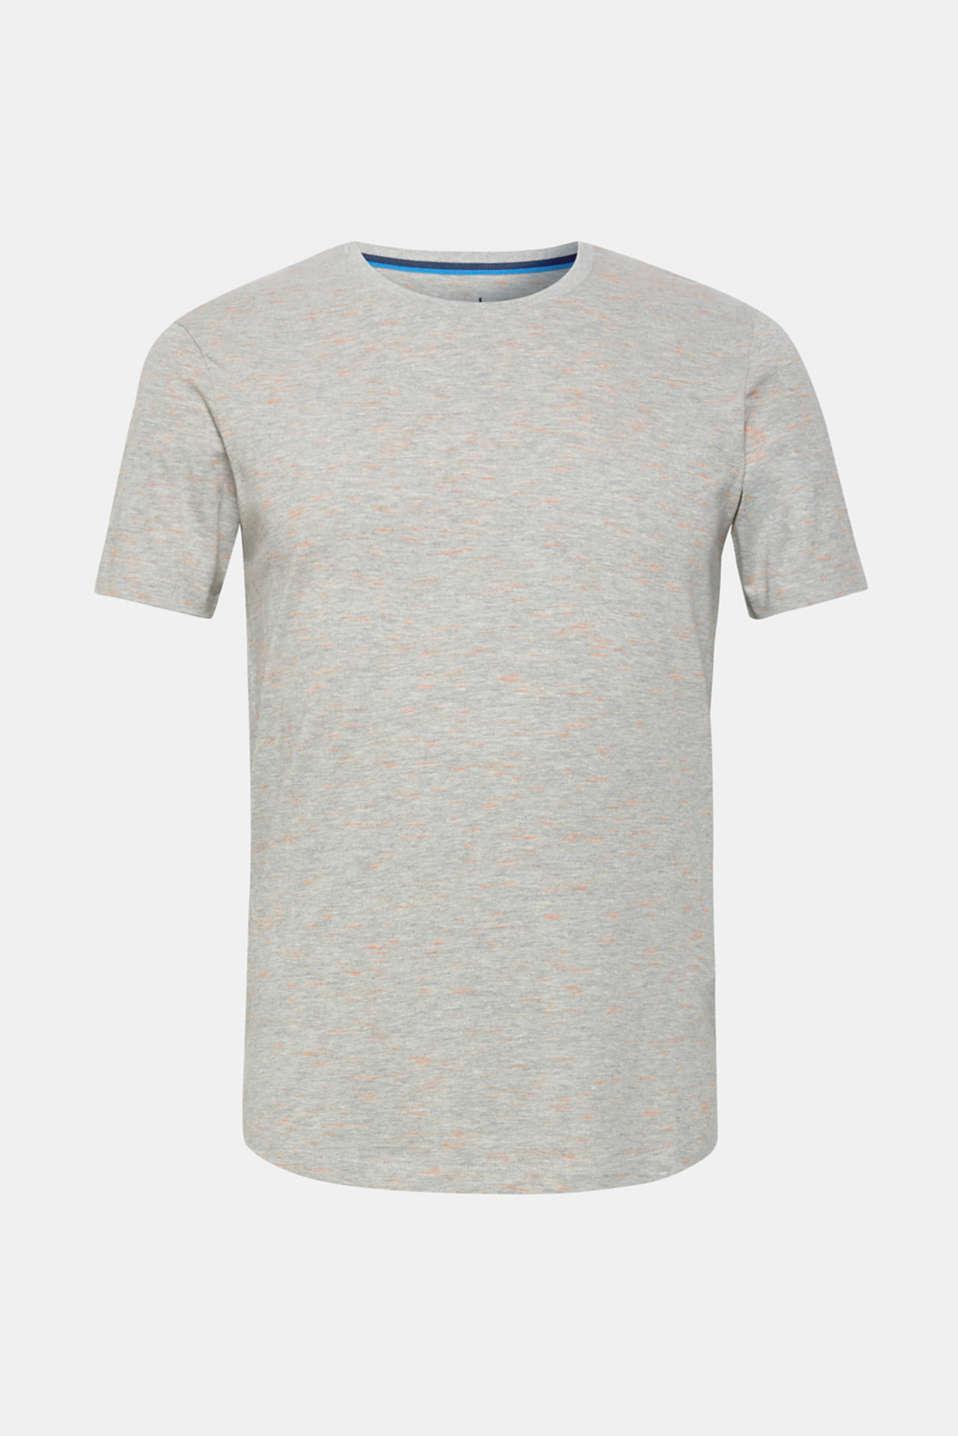 T-Shirts, MEDIUM GREY, detail image number 5